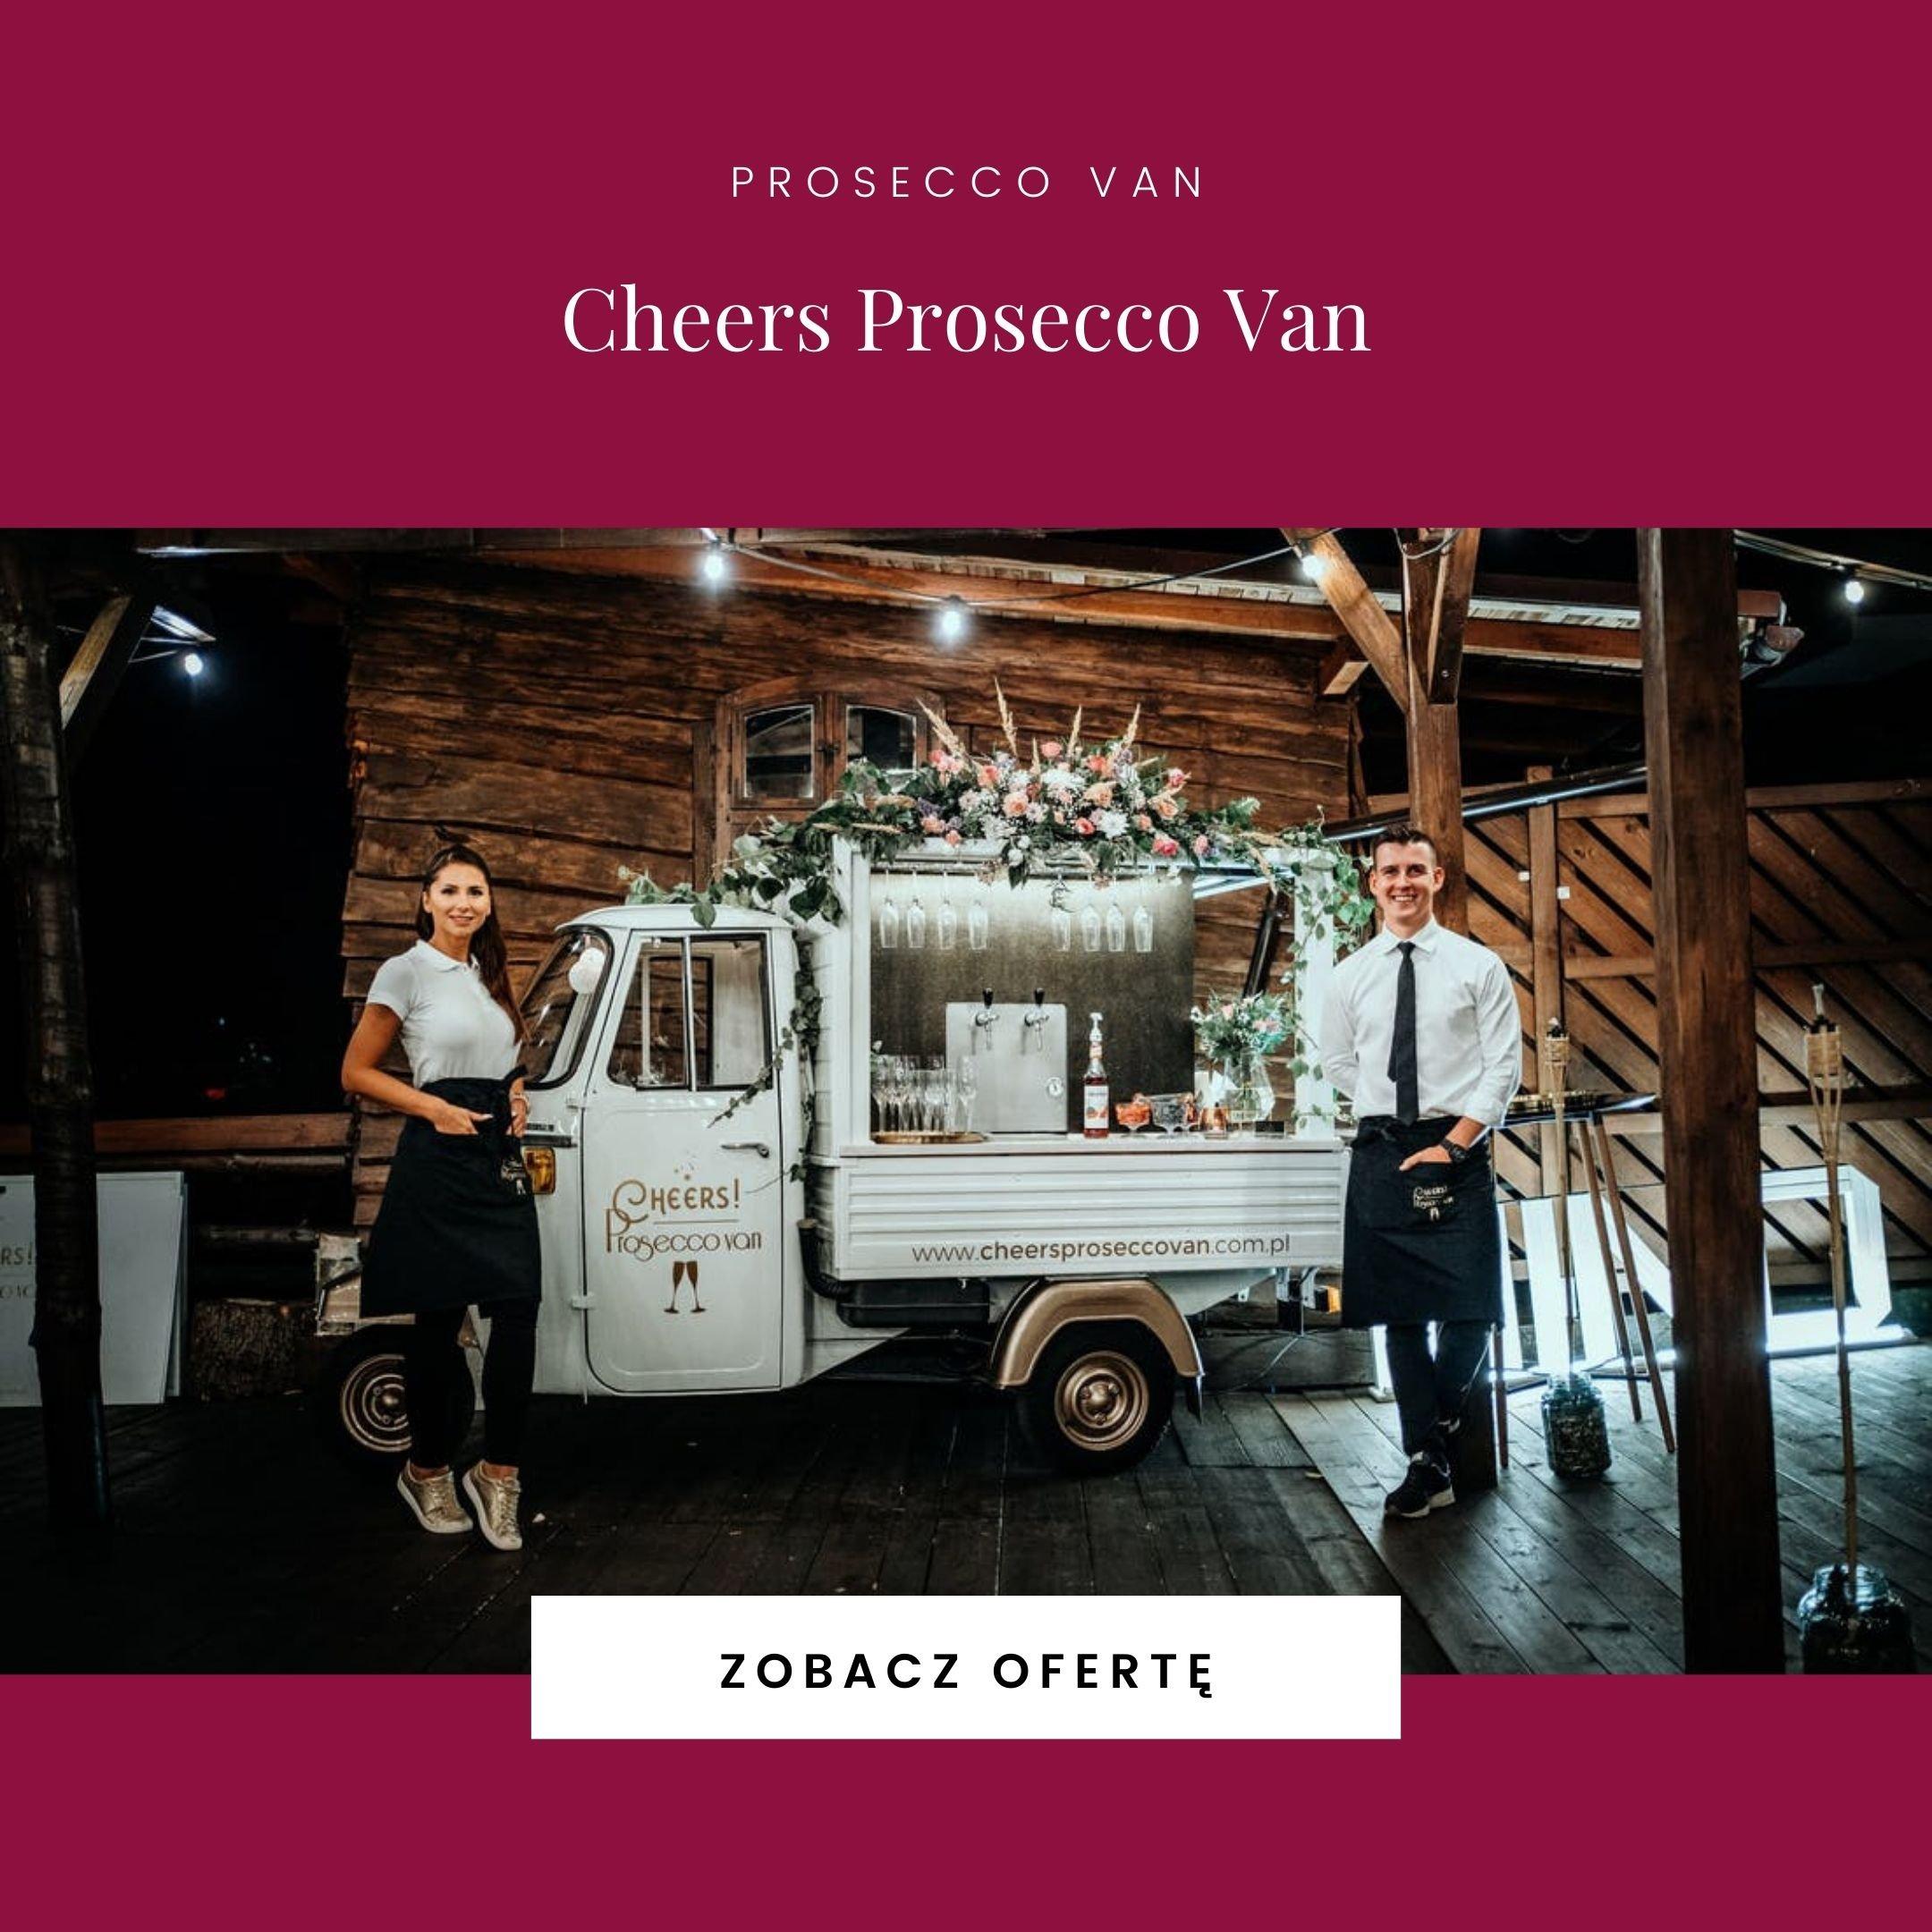 Cheers Prosecco Van